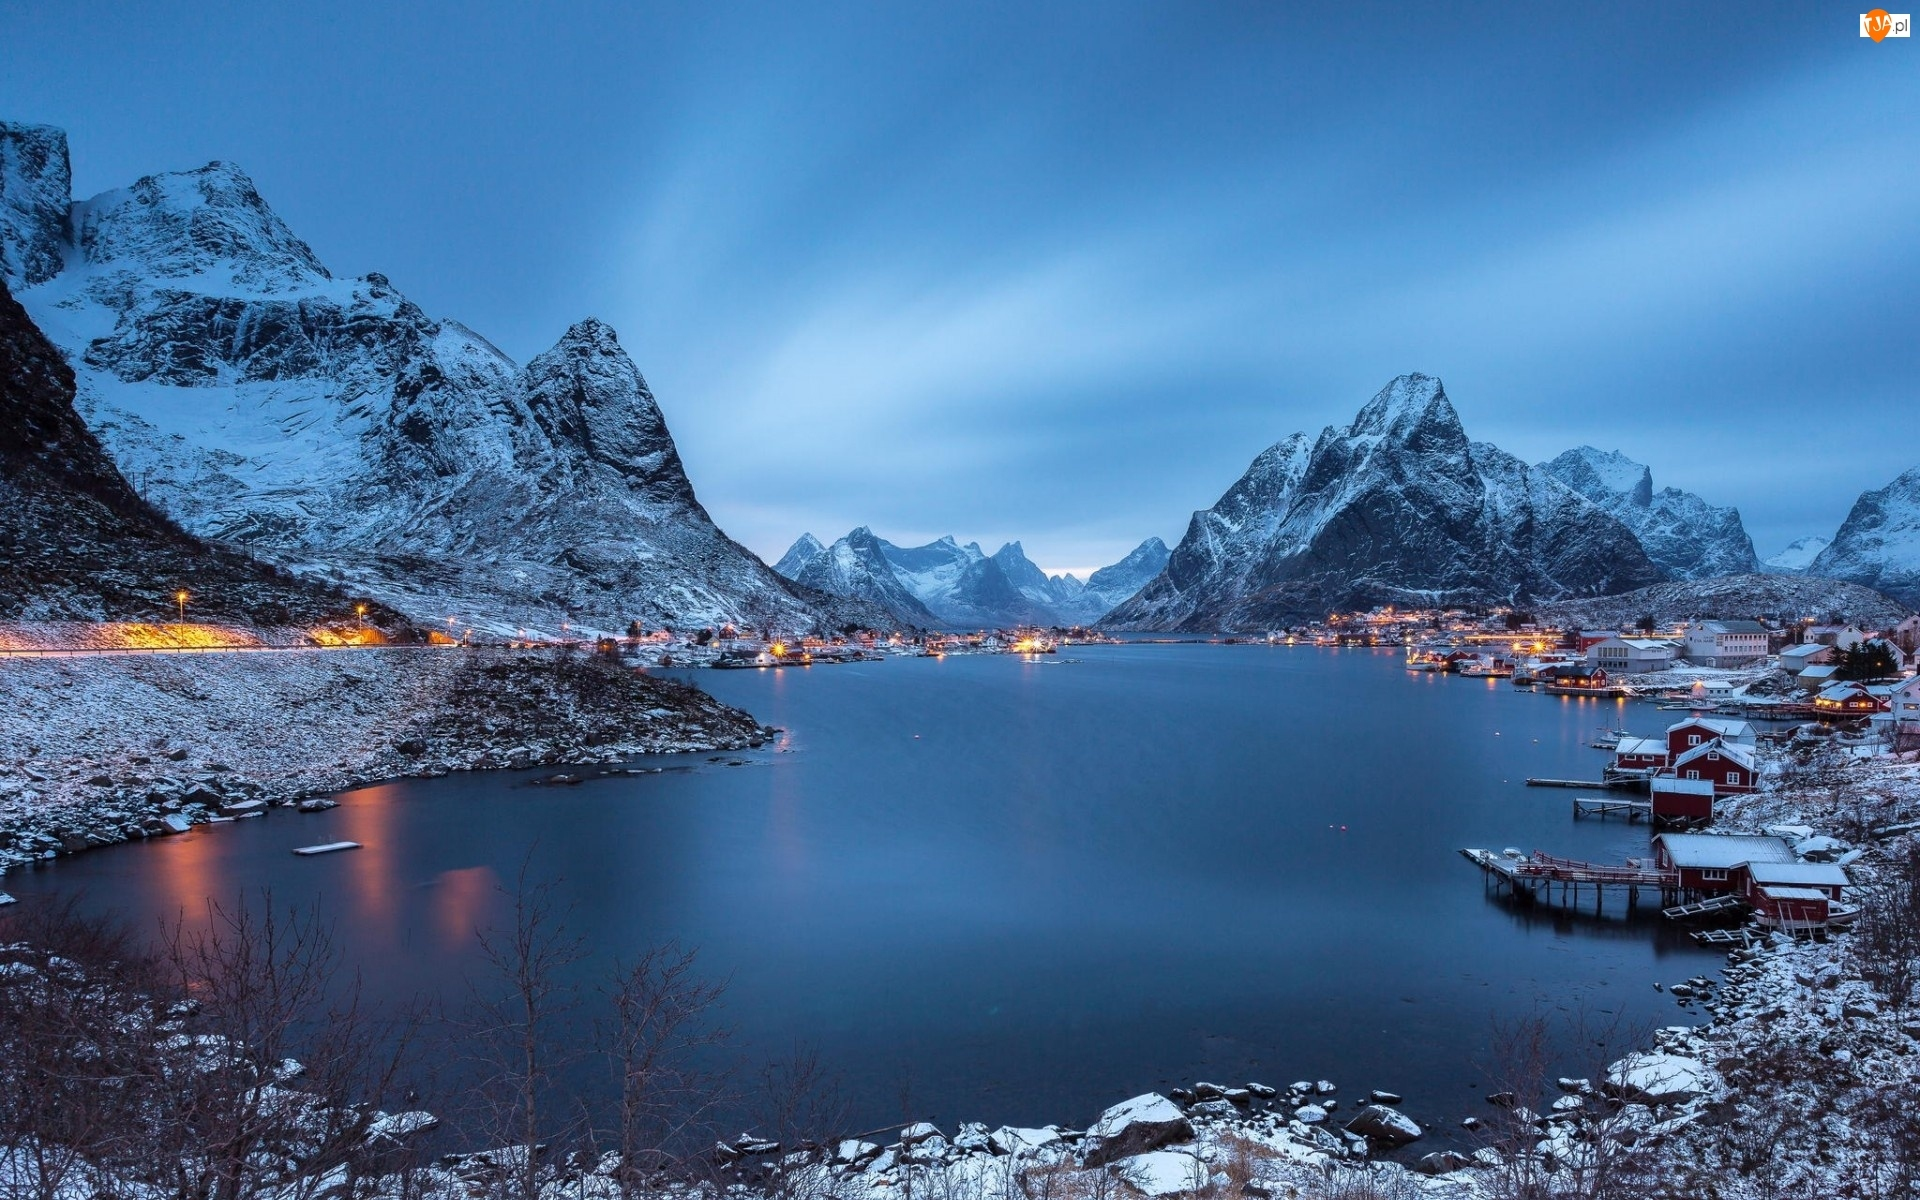 Domy, Norwegia, Jezioro, Zima, Góry, Osada